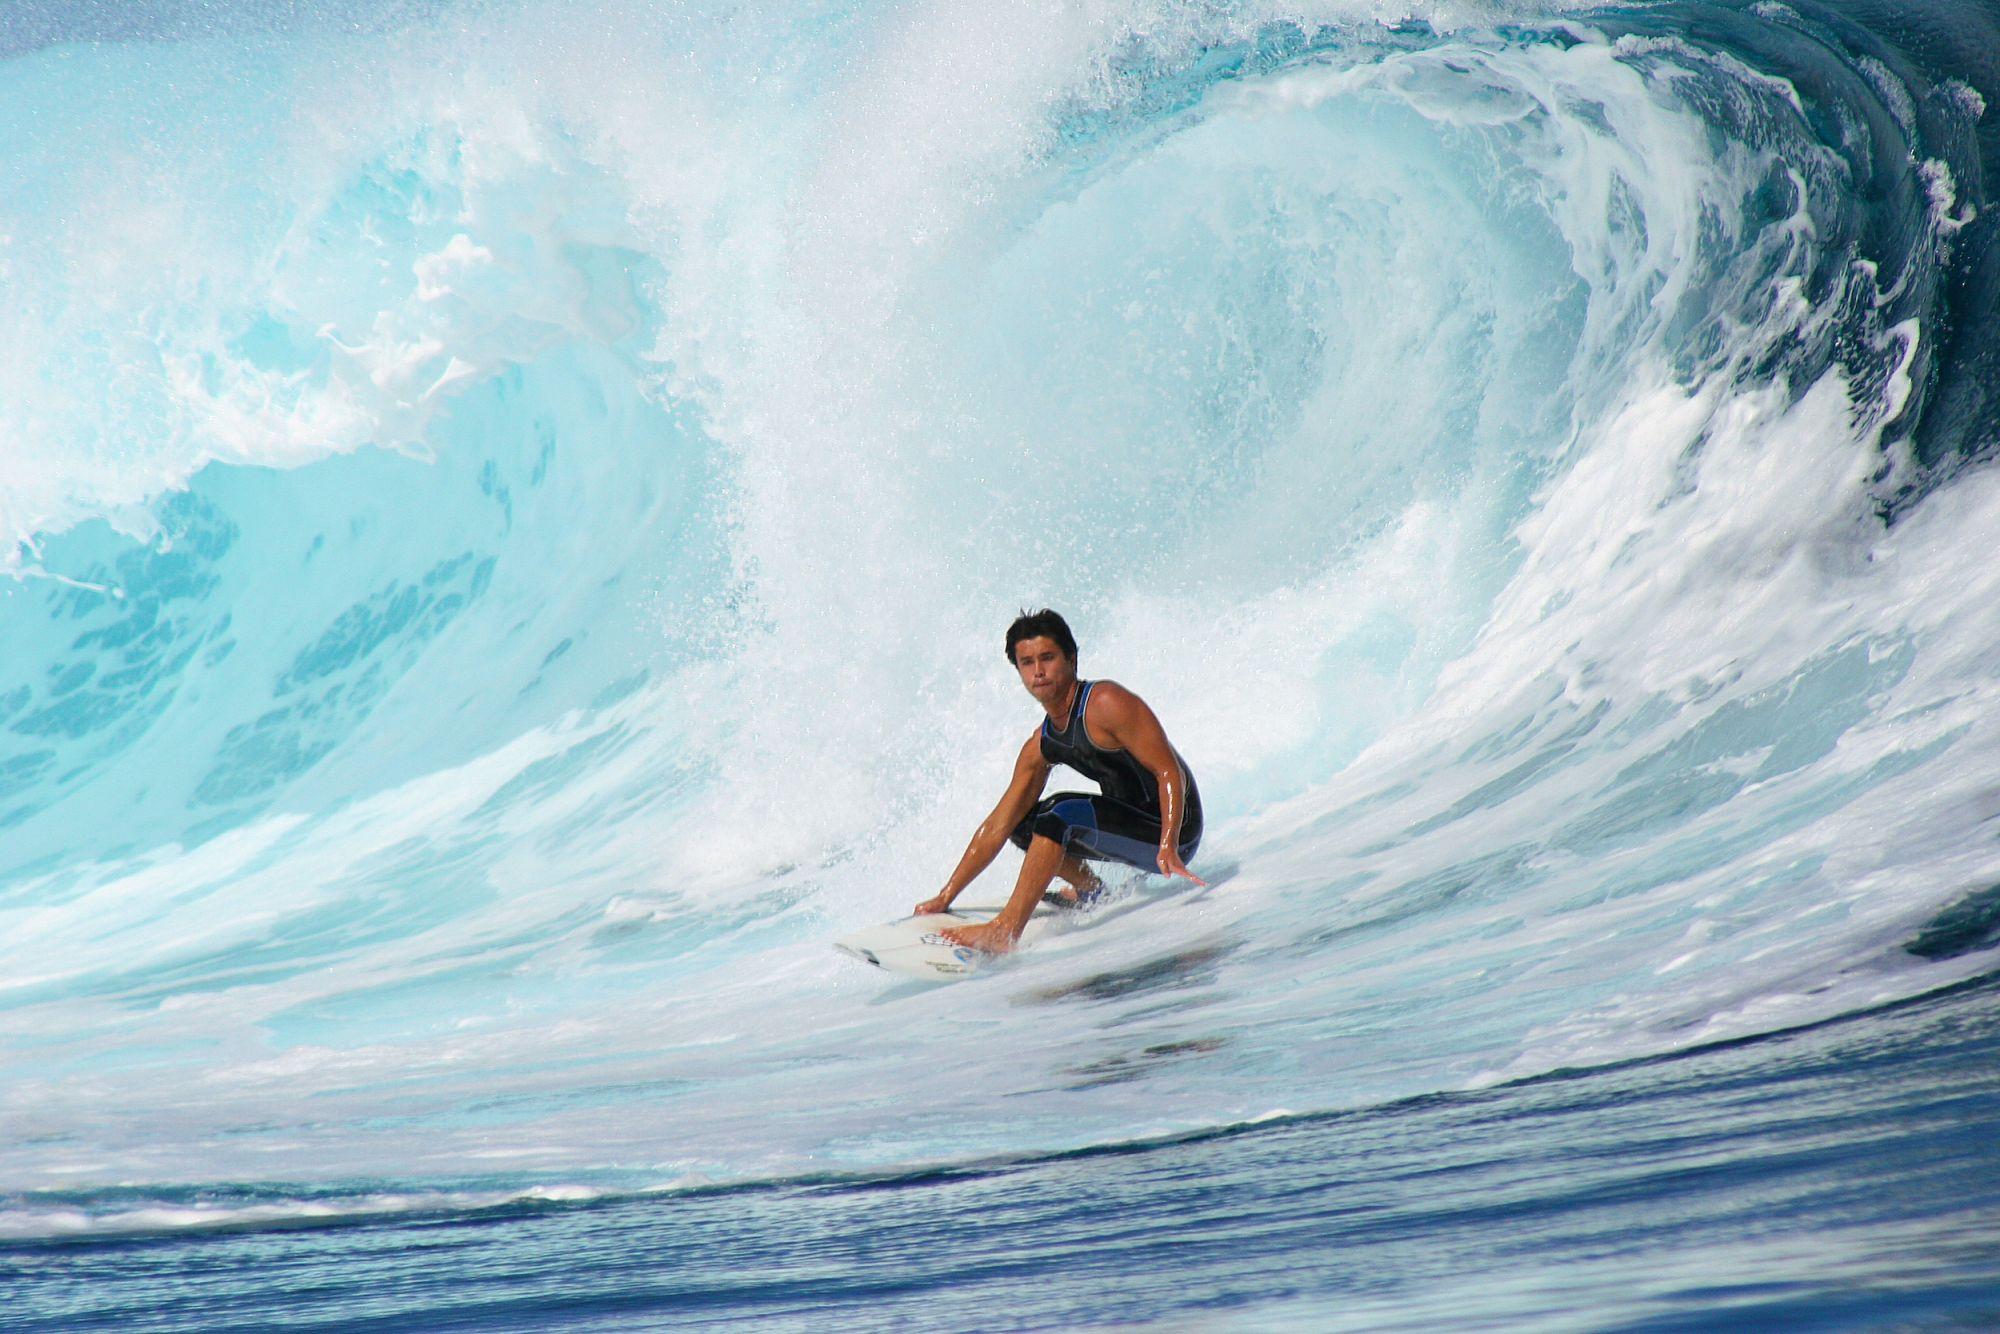 10 spiagge su cui fare surf e vivere avventure inaspettate